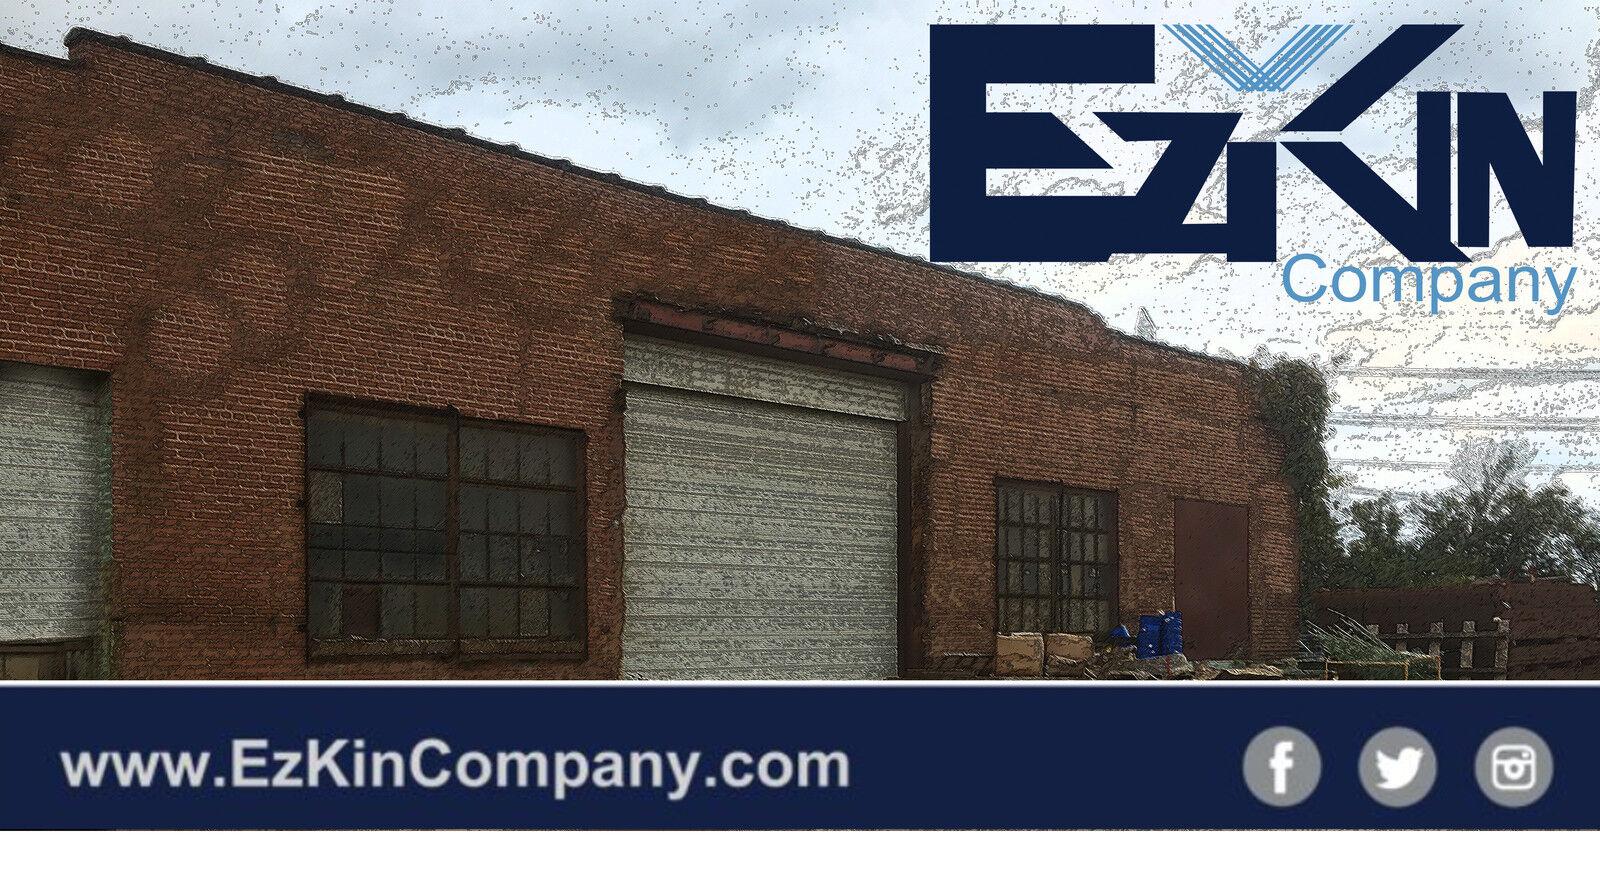 EzKin Company